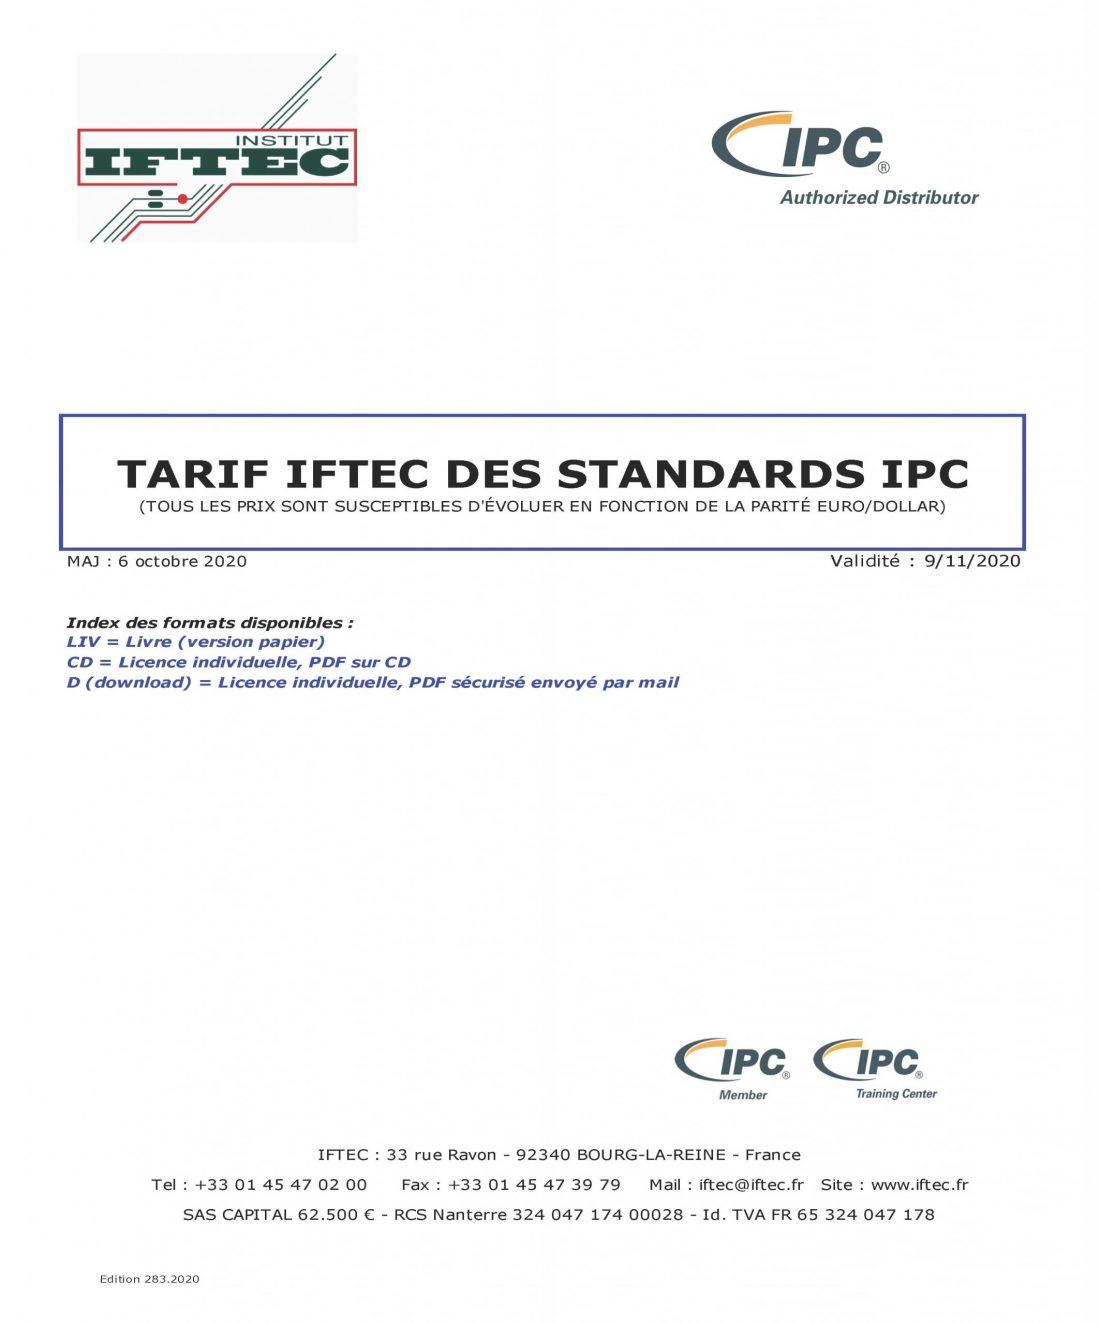 Tarif IFTEC des normes IPC